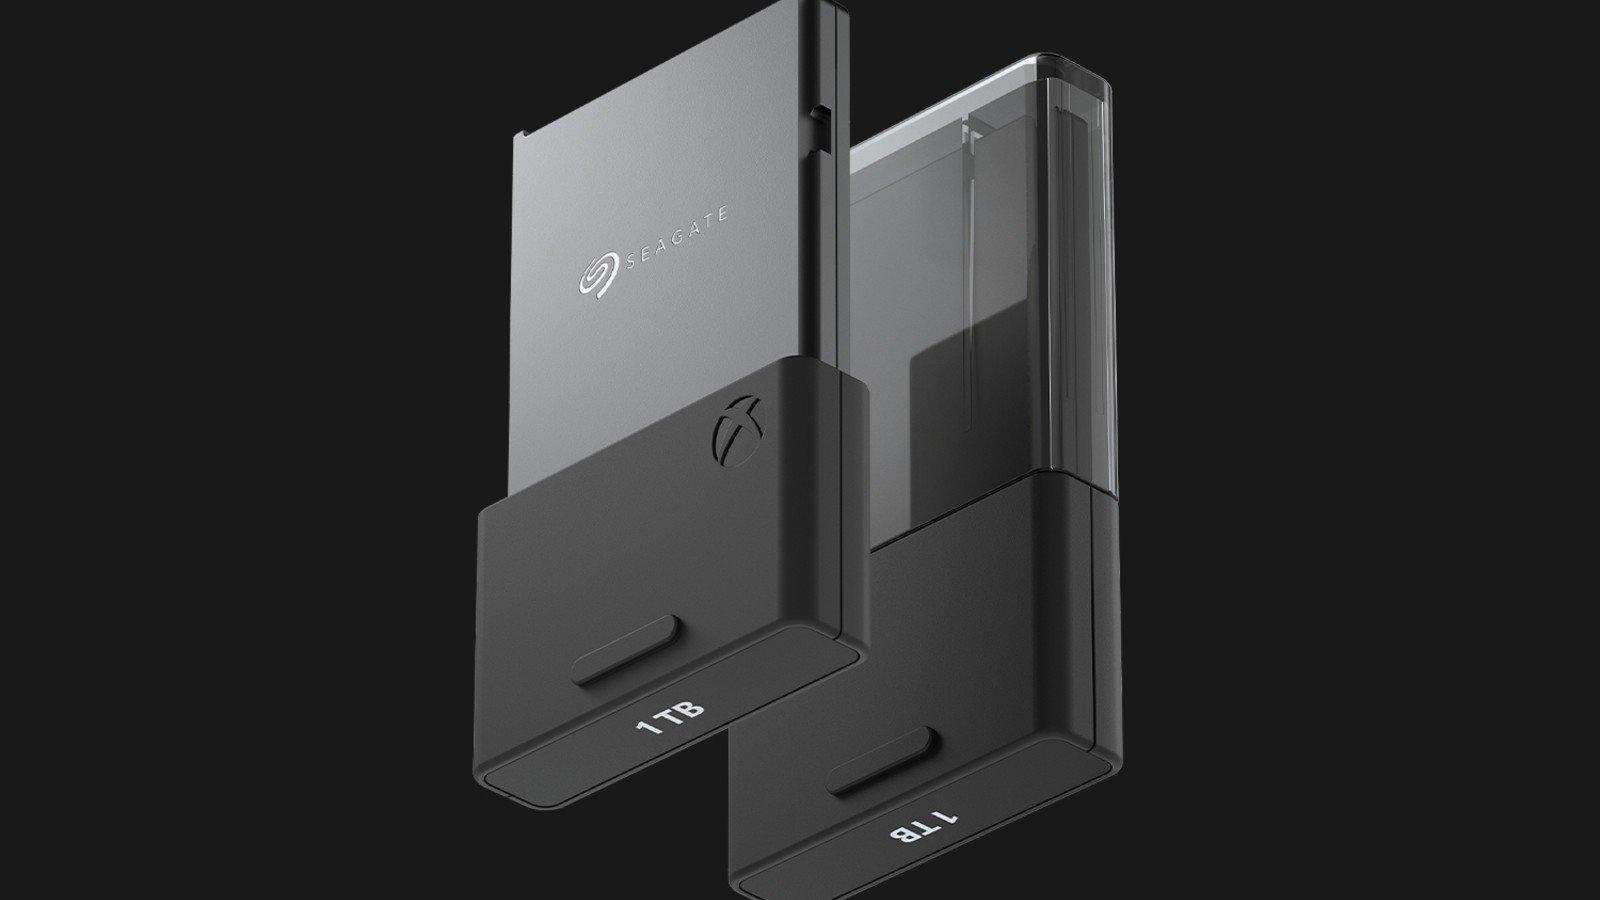 传闻:希捷将推出500GB的Xbox Series X|S拓展存储卡插图3